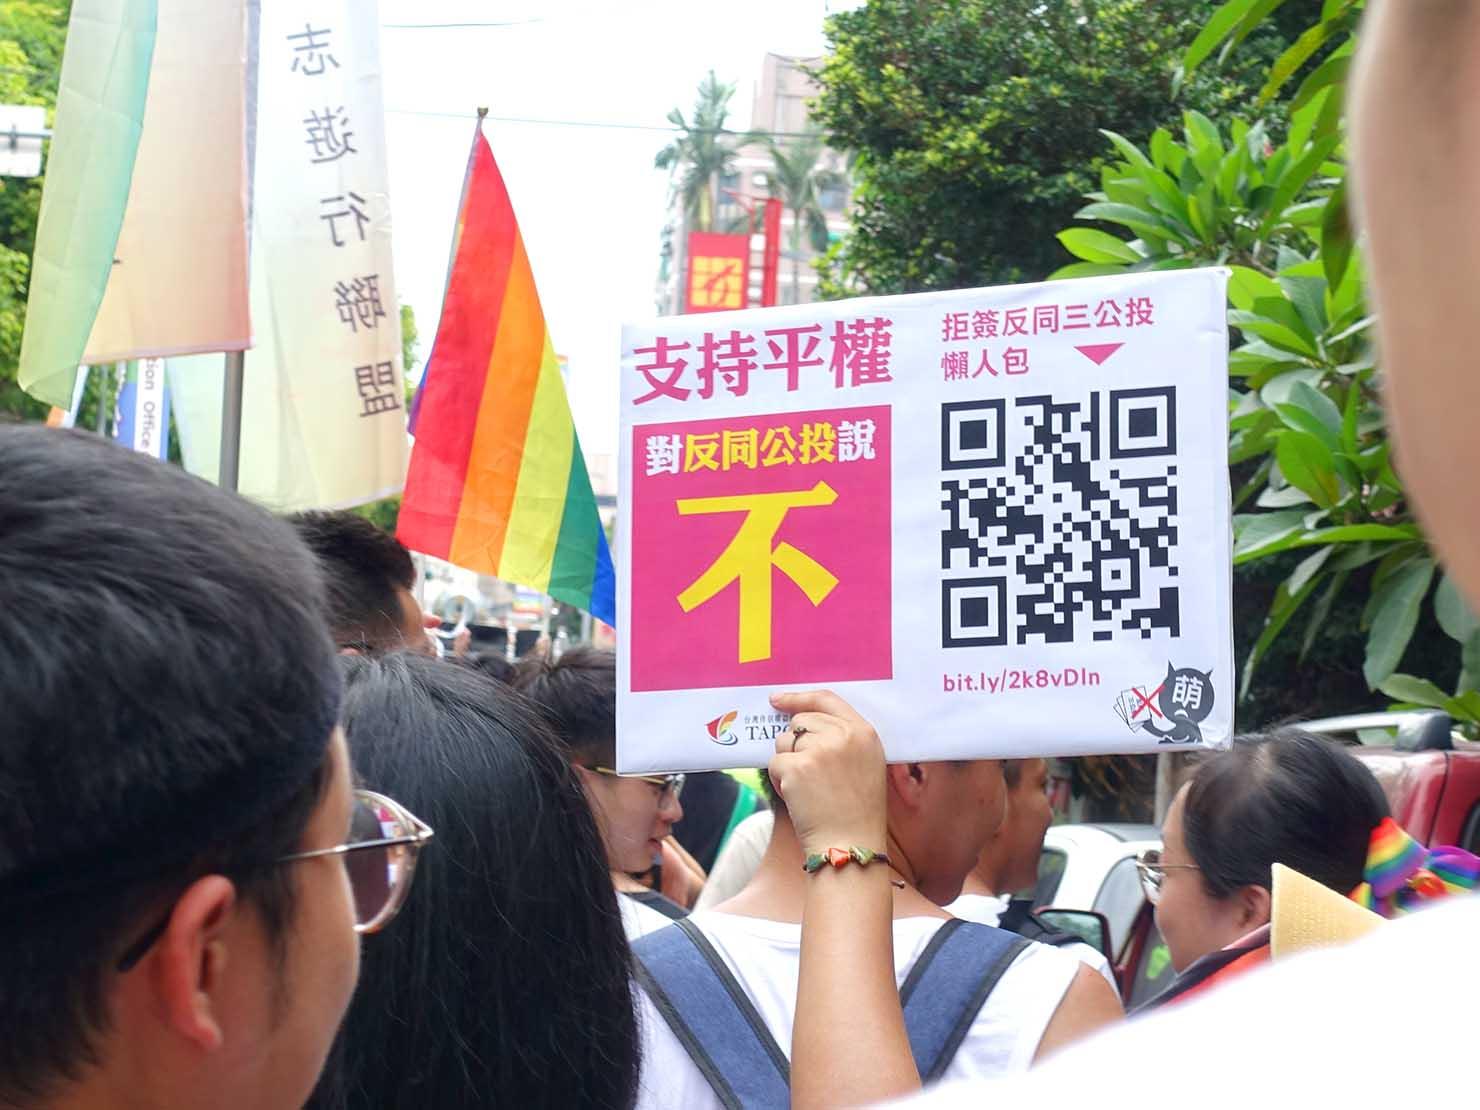 2018年台湾のLGBTプライド「宜蘭驕傲大遊行(宜蘭プライド)」パレードで掲げられた国民投票に関するメッセージボード